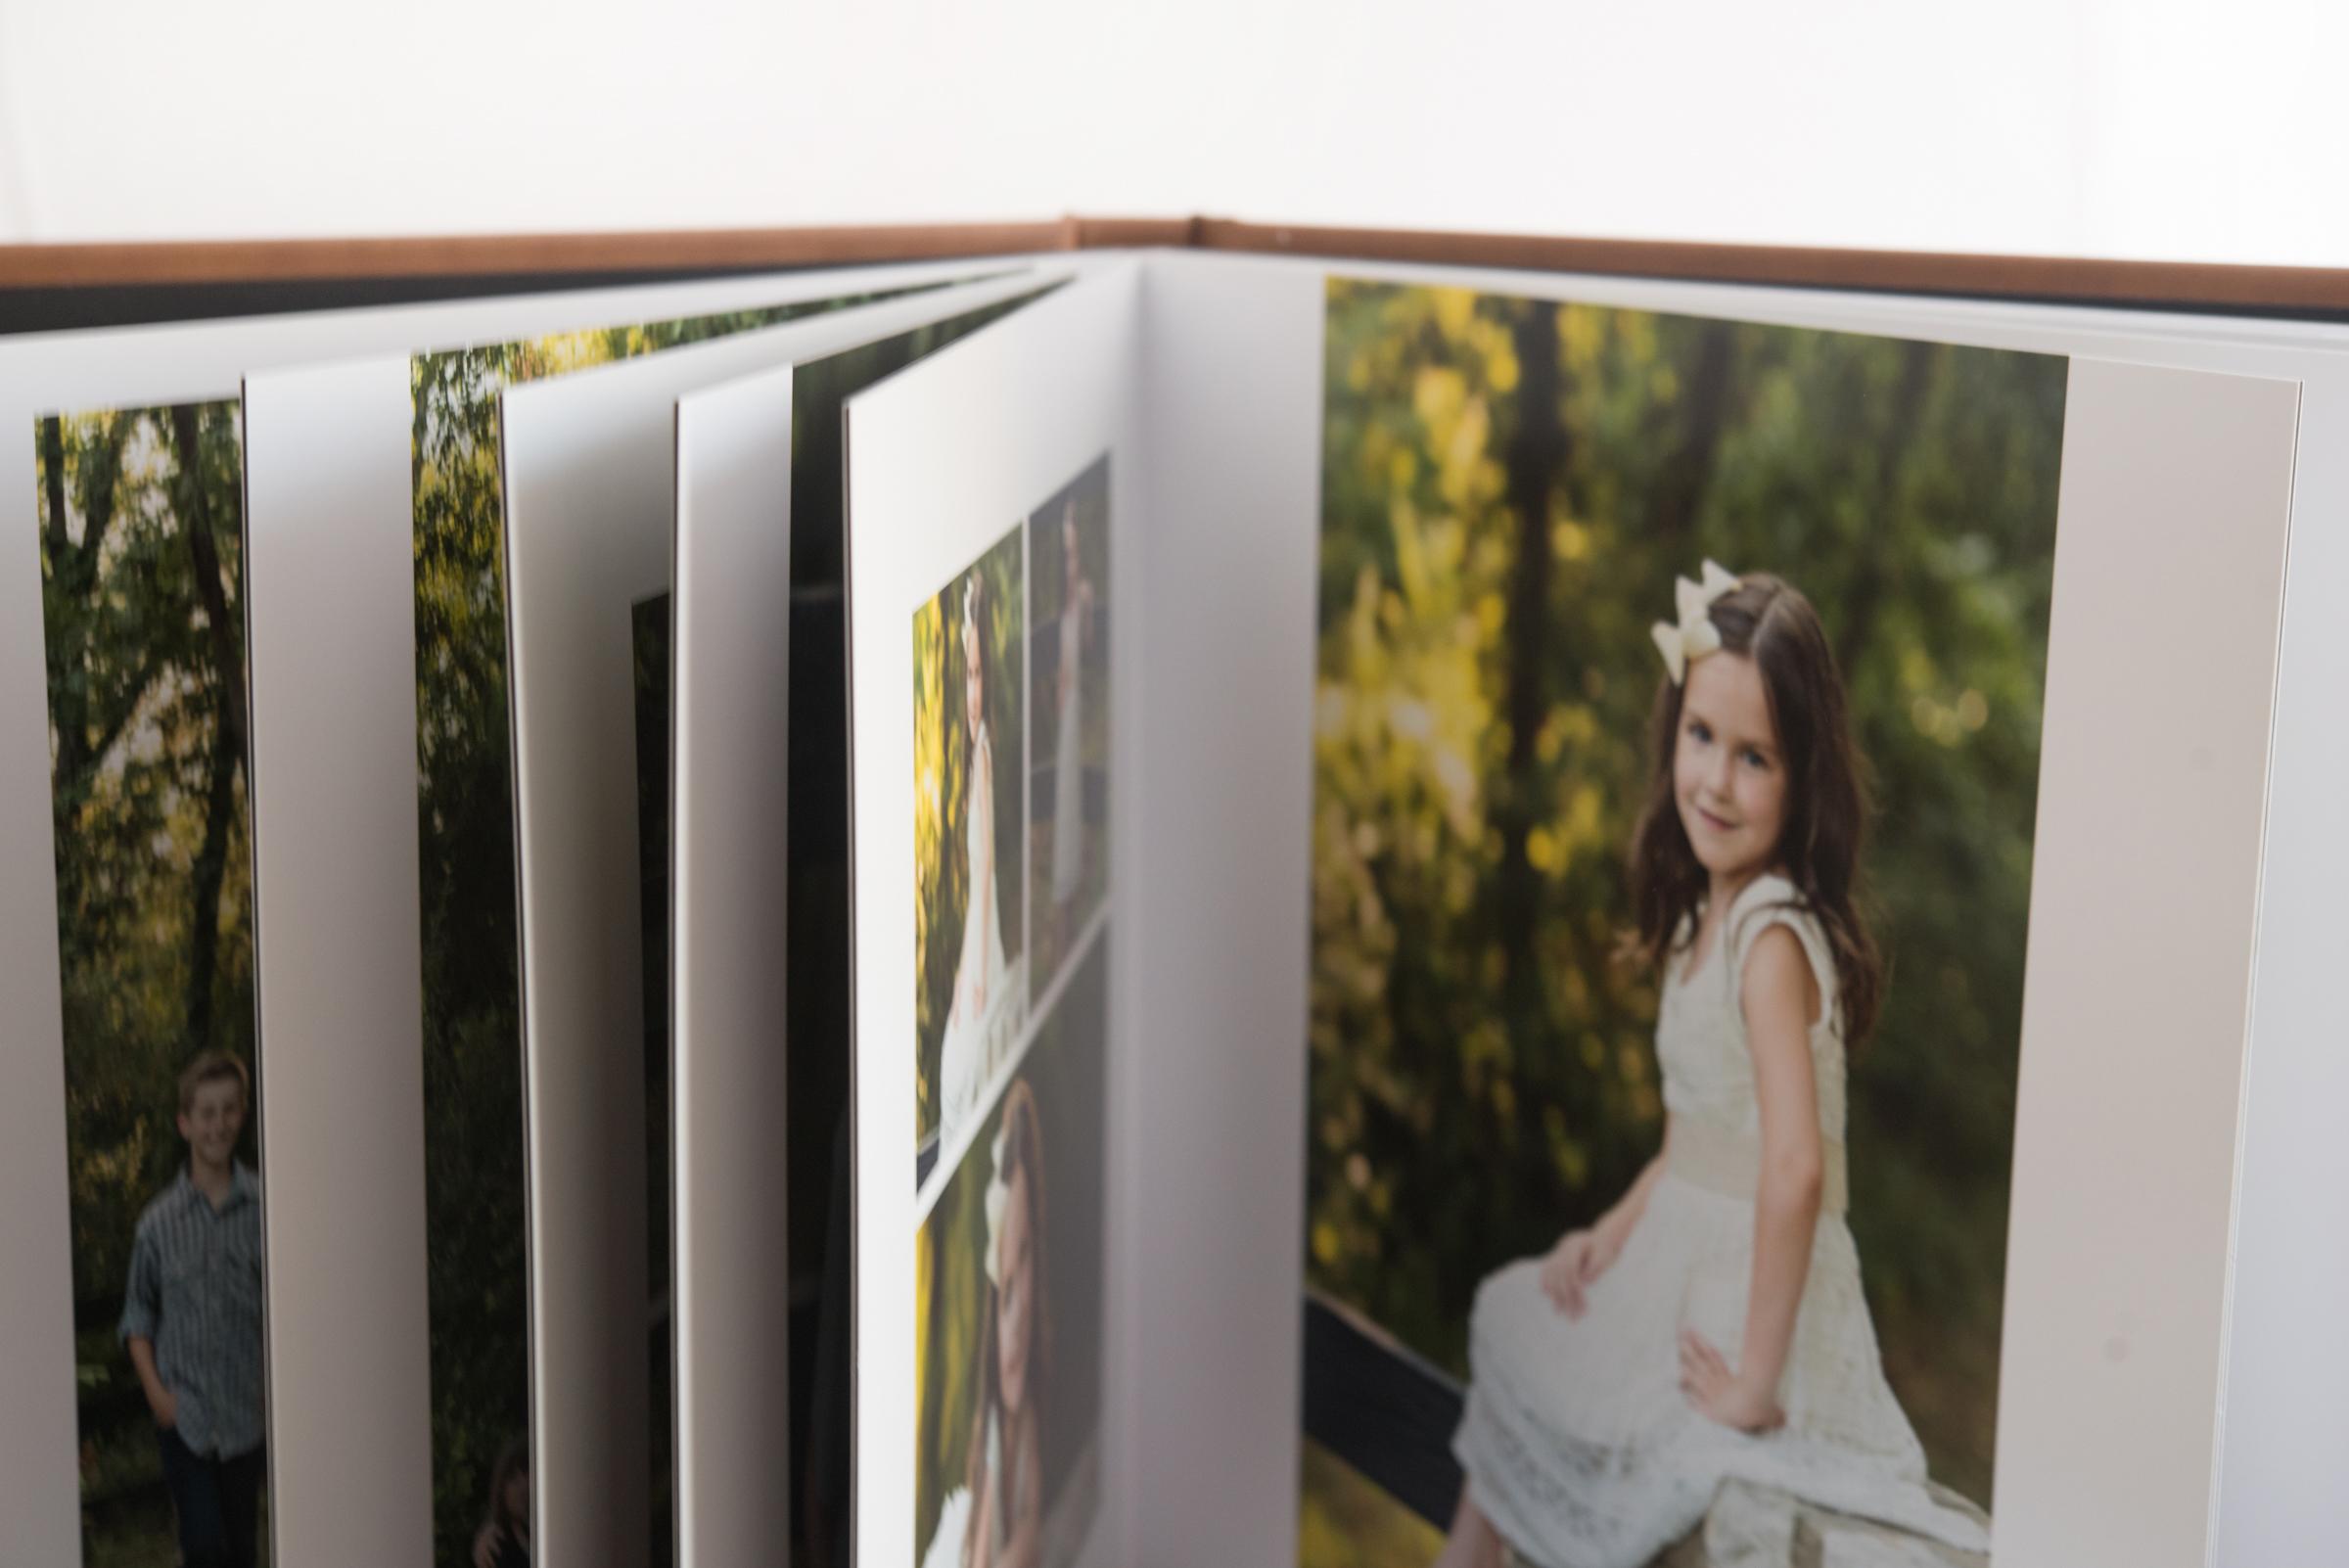 album photos-6.jpg